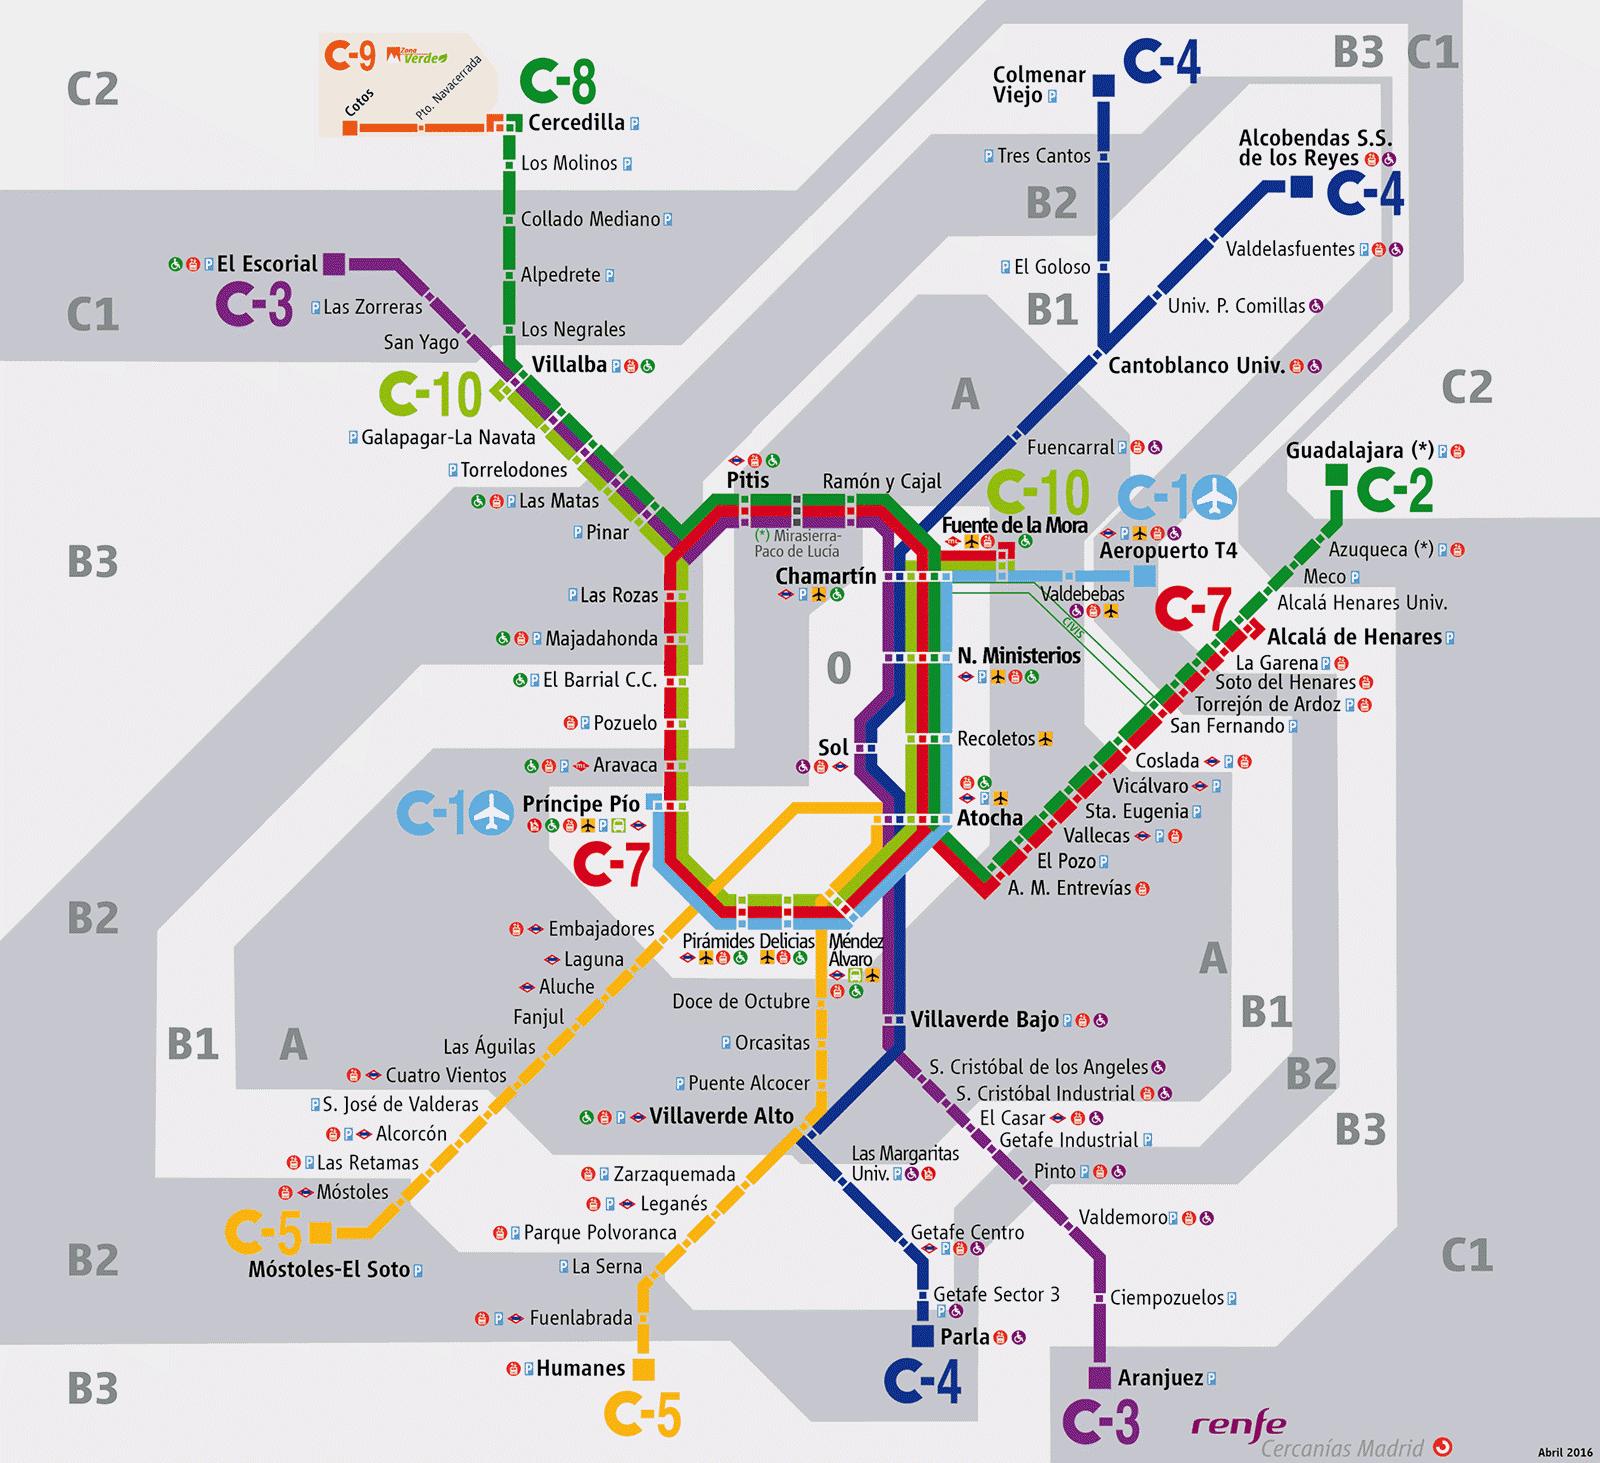 Mapa Cercanias Madrid 2017.Refuerzo Del Servicio De Renfe Cercanias Por El World Pride